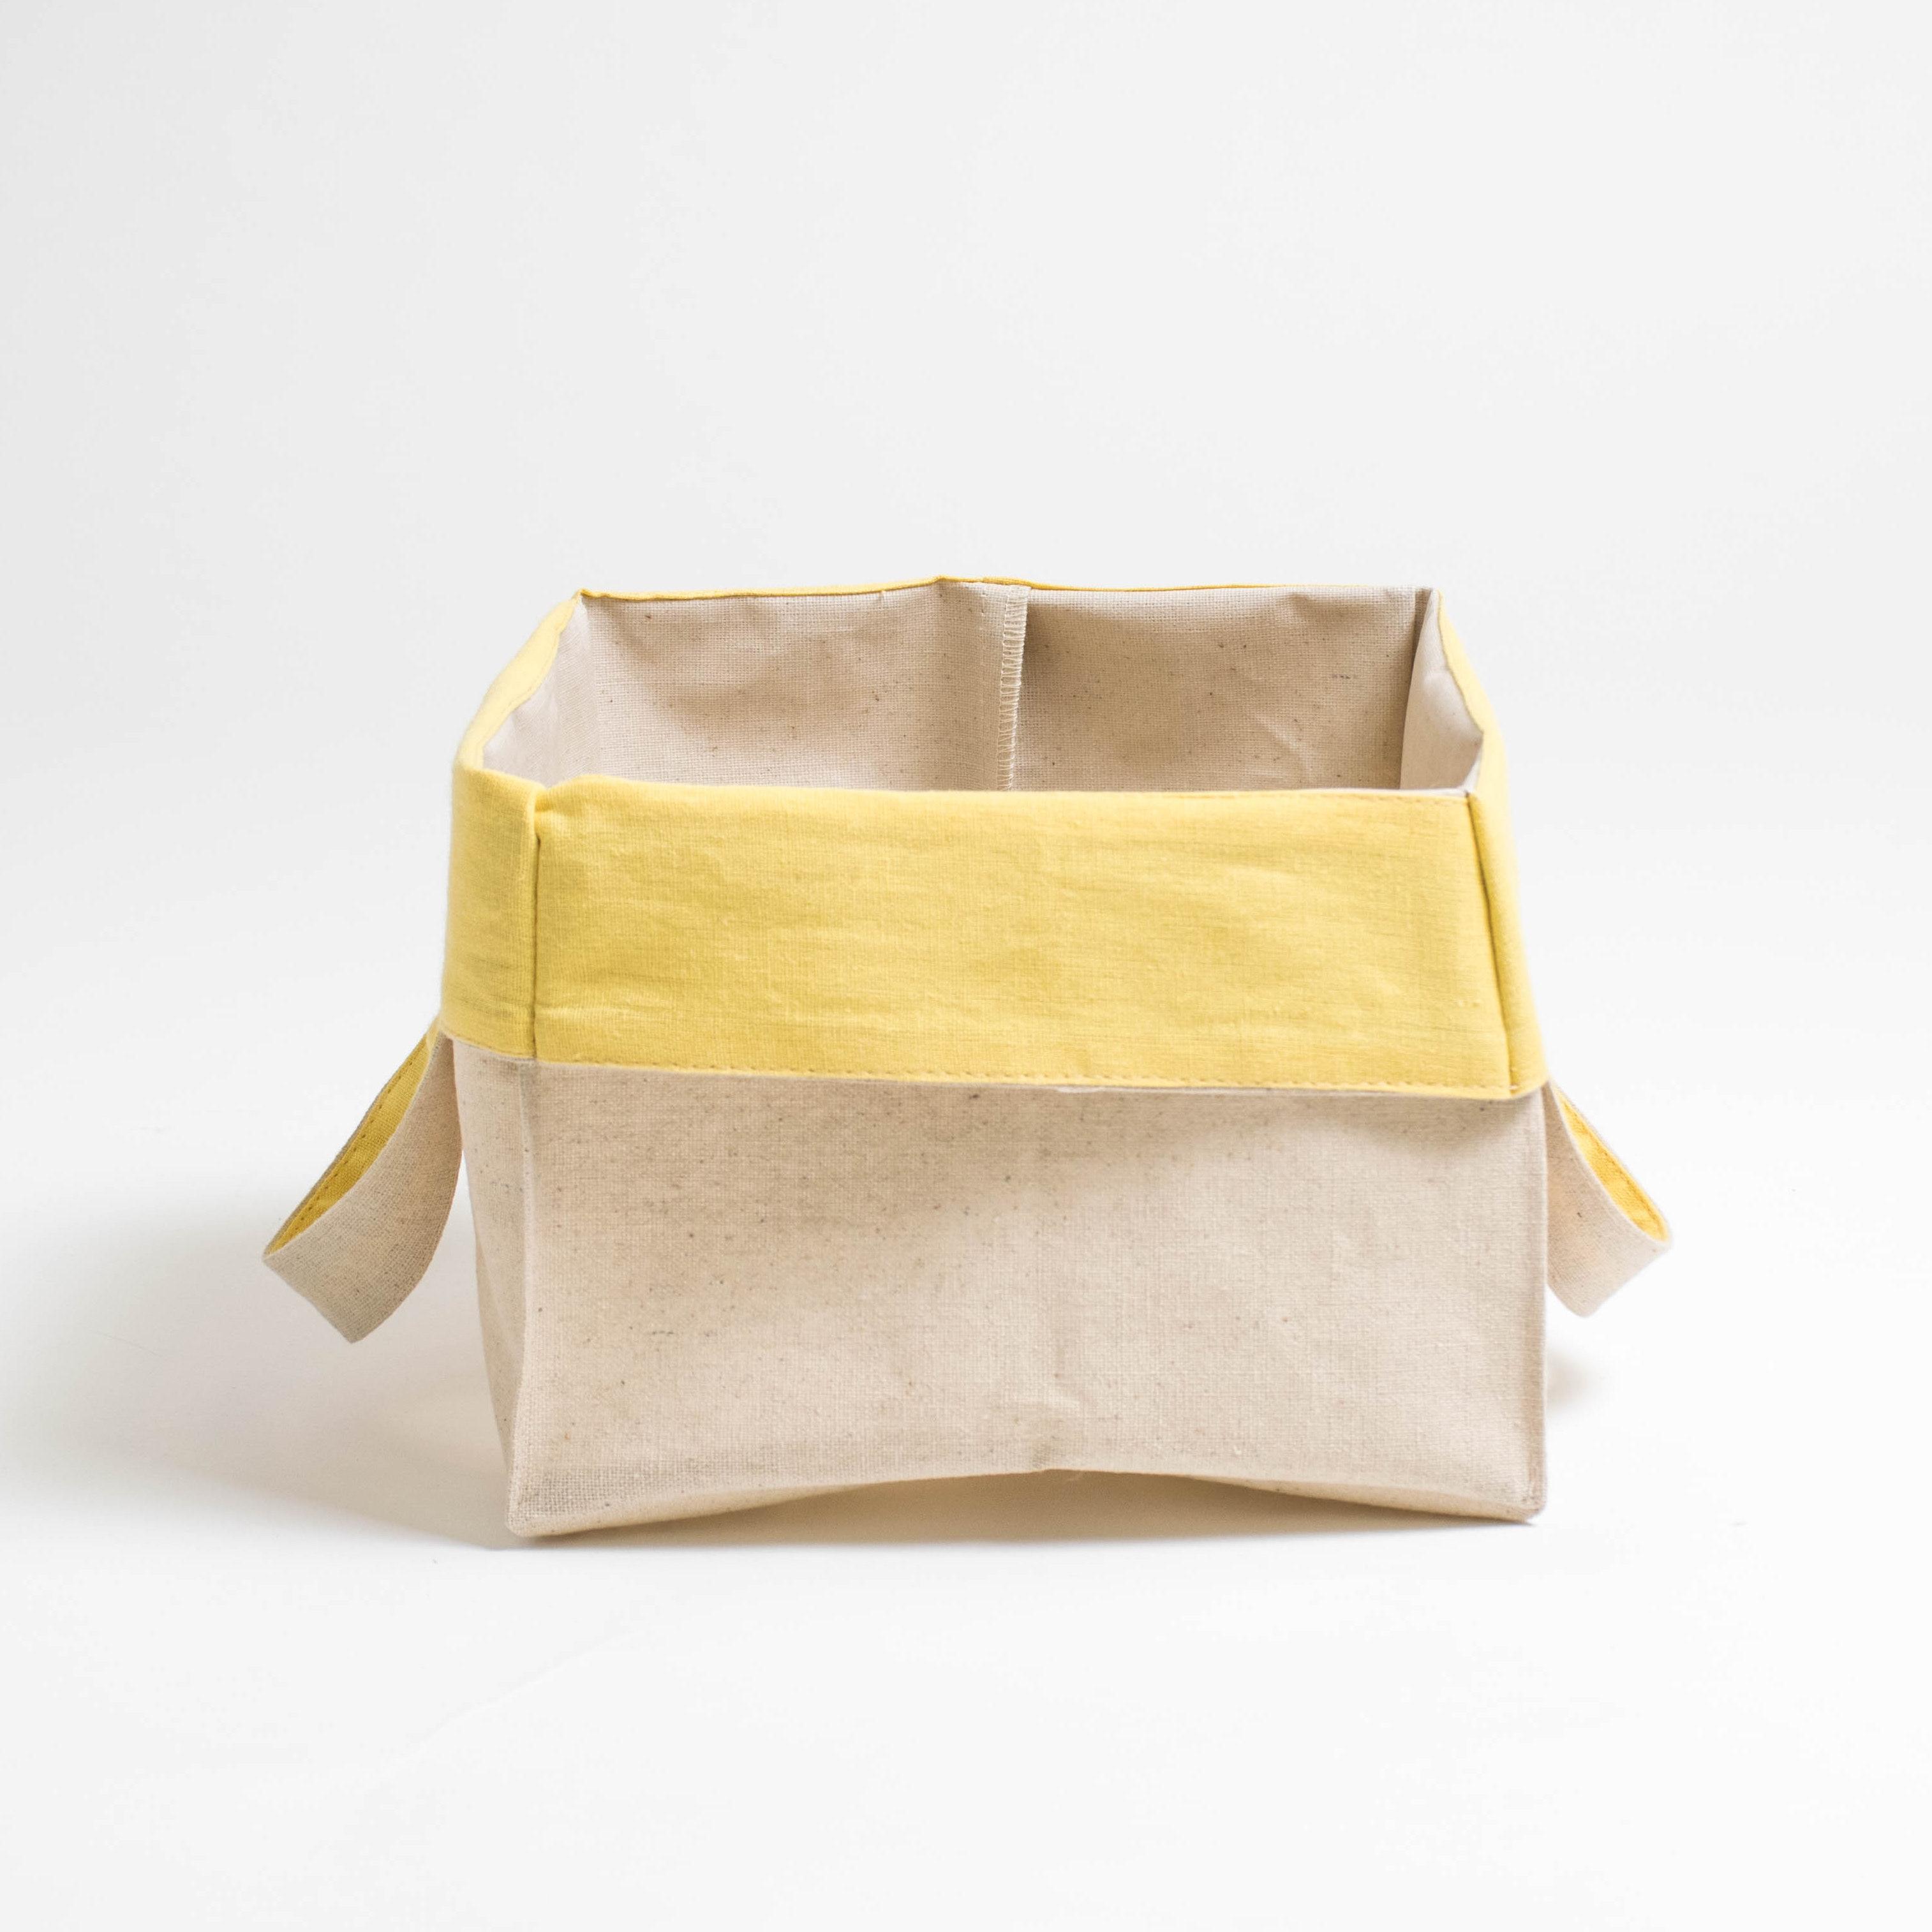 Короб с ручками ПровансАксессуары для кухни<br>Короб «Прованс» квадратный (малый), с жёлтым отворотом<br><br>Квадратный короб изо льна с внутренней ламинацией, безопасной для здоровья, это обязательный предмет для каждого дома!<br><br>Внешняя сторона короба из хлопкольна, внутренняя часть заламинирована. Благодаря этому, короб можно использовать в кухне, спальне и даже ванной комнате! Для того, чтобы фрукты и овощи не теряли свой аромат, их не следует убирать в холодильник. Сложите, например, яблоки в корзинку и поставьте на обеденный стол. Можете даже предварительно их вымыть, для того чтобы домочадцы кушали «живые витамины» прямо из корзинки.<br><br>Наши ламинированные корзинки не боятся влаги! Поэтому они пригодятся Вам и в ванной комнате. В них можно убрать косметику, мочалки и детские игрушки, с которыми малыш играет во время приёма ванной. Квадратные короба «Прованс» являются хорошими помощниками и для наведения порядка в шкафах — в них можно сложить носочки, детские игрушки, нитки для вязание и многое другое.<br><br>Короба «Прованс» этот товар, который можно приобретать впрок, поскольку они складываются в плоский квадрат и практически не занимают места при хранении в шкафах!&amp;amp;nbsp;<br><br>Material: Хлопок<br>Ширина см: 22<br>Высота см: 22<br>Глубина см: 22